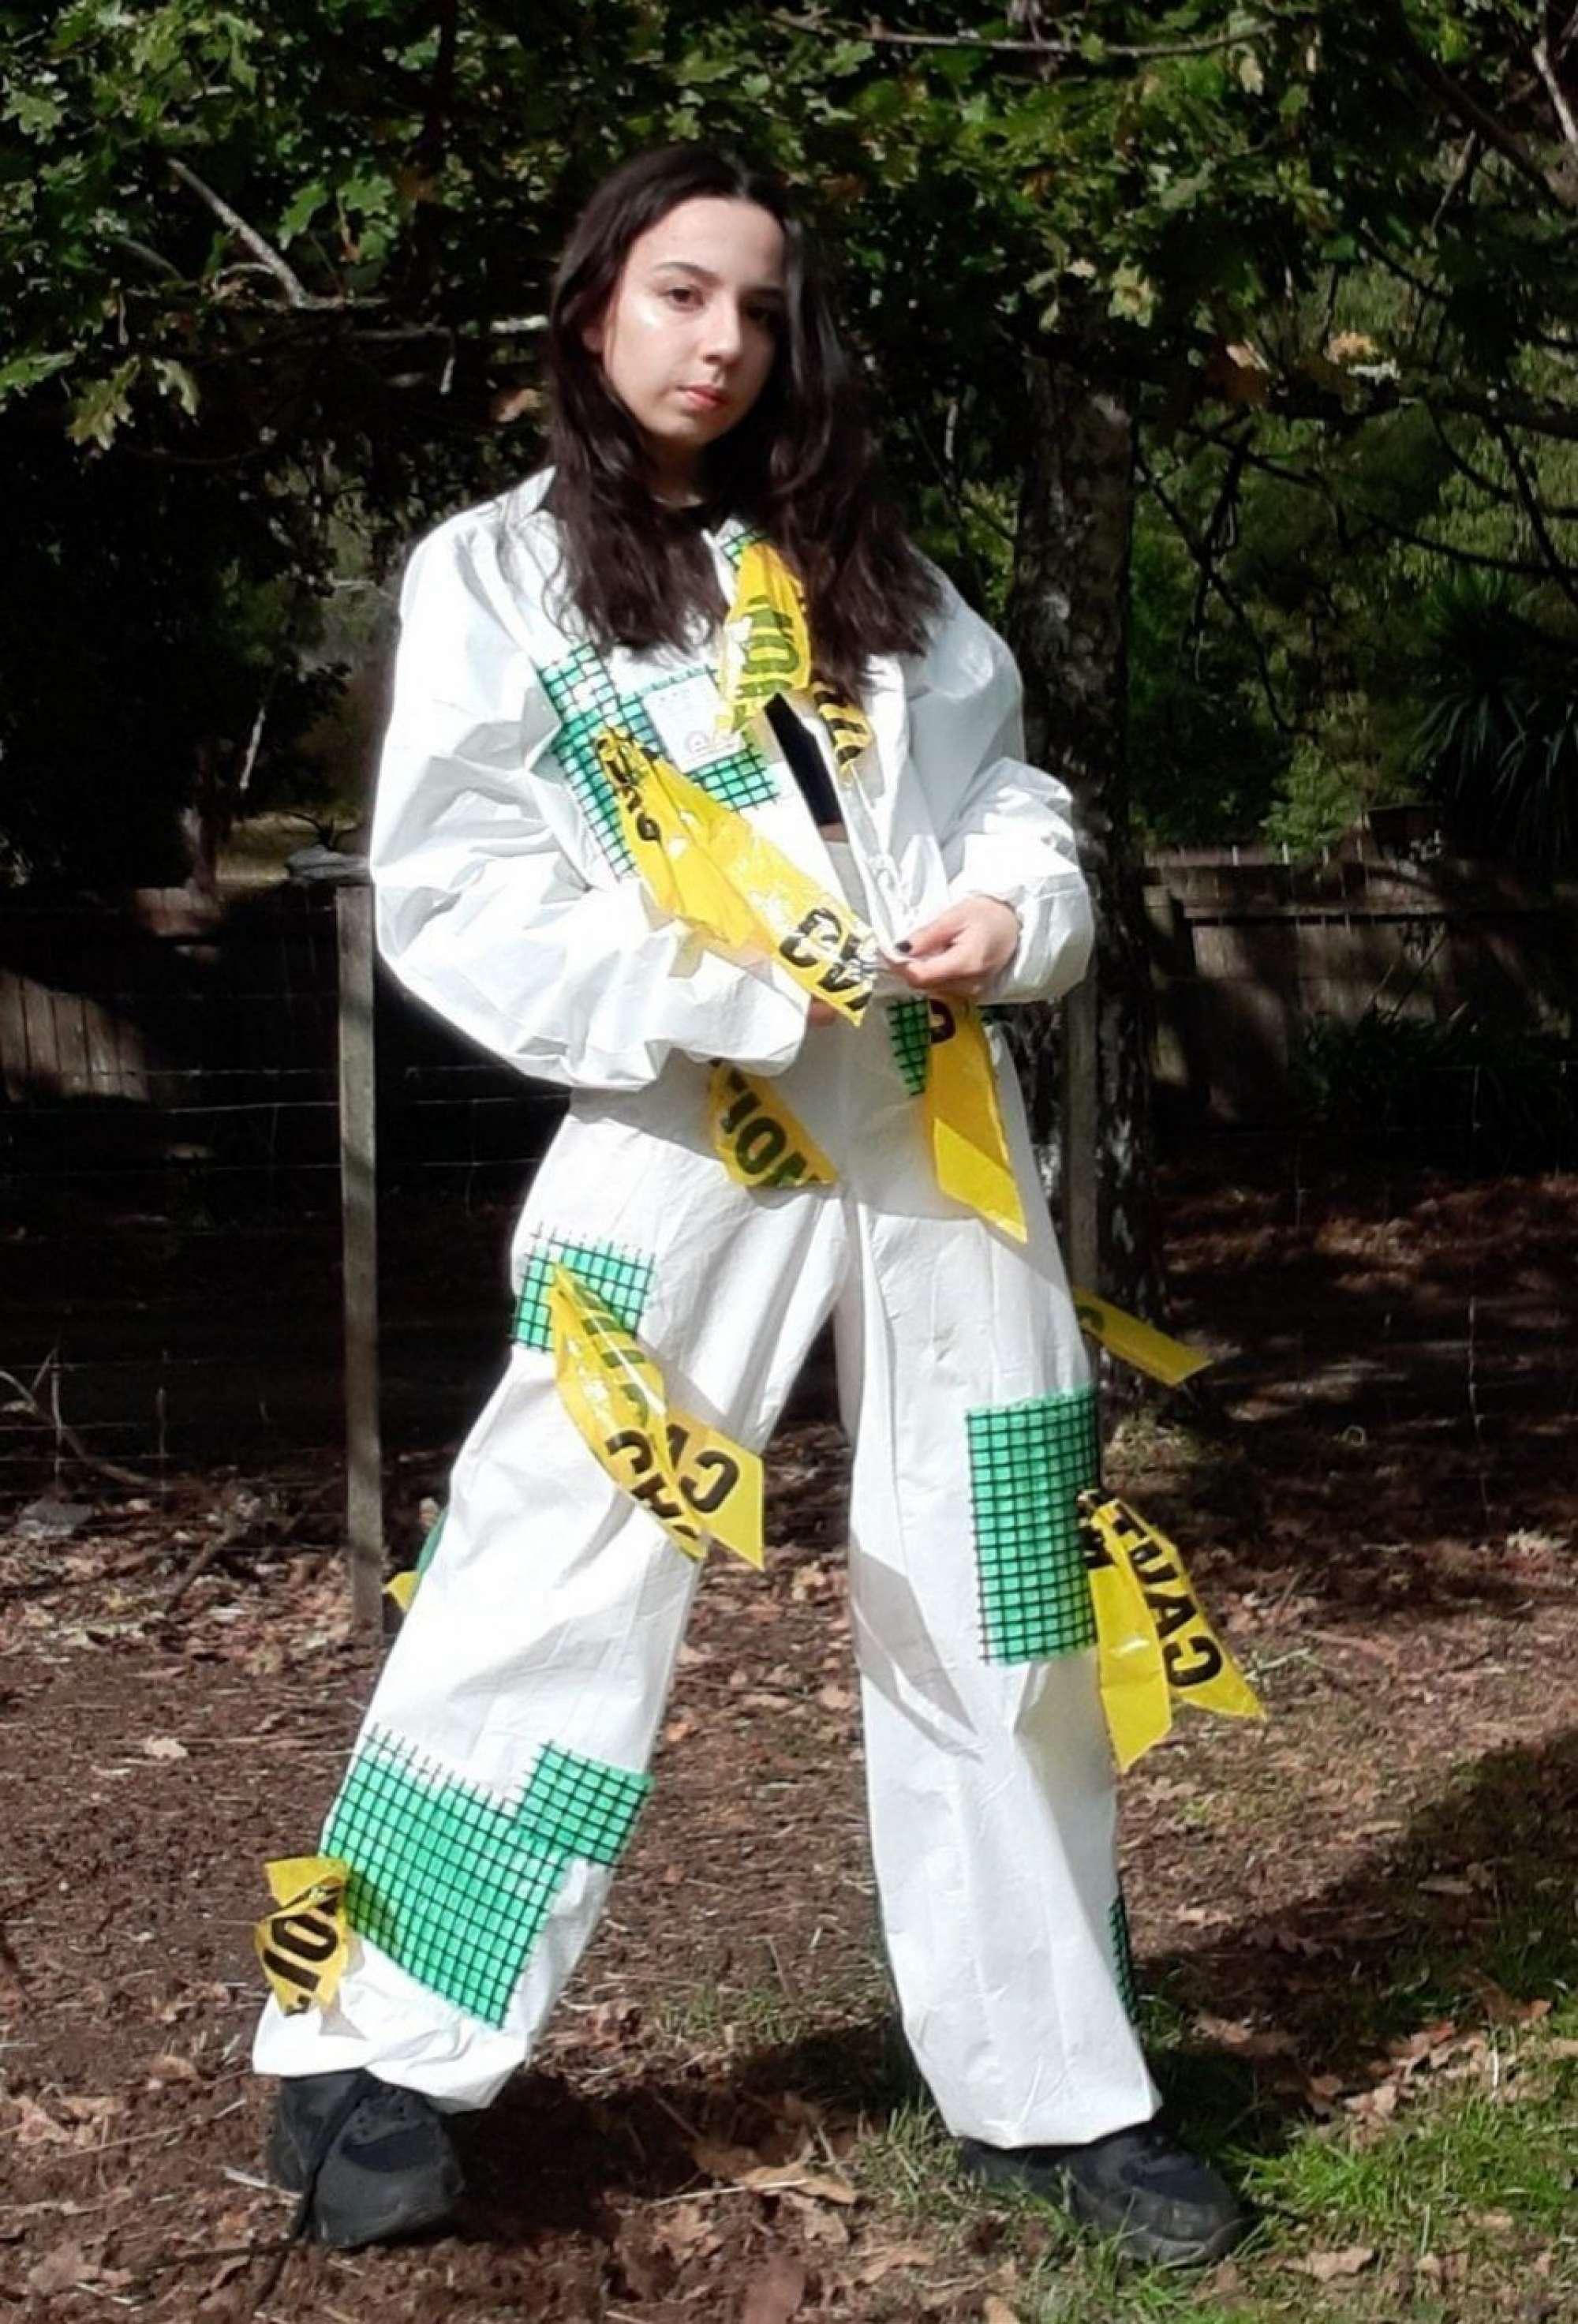 Ag Artwear winner under 16